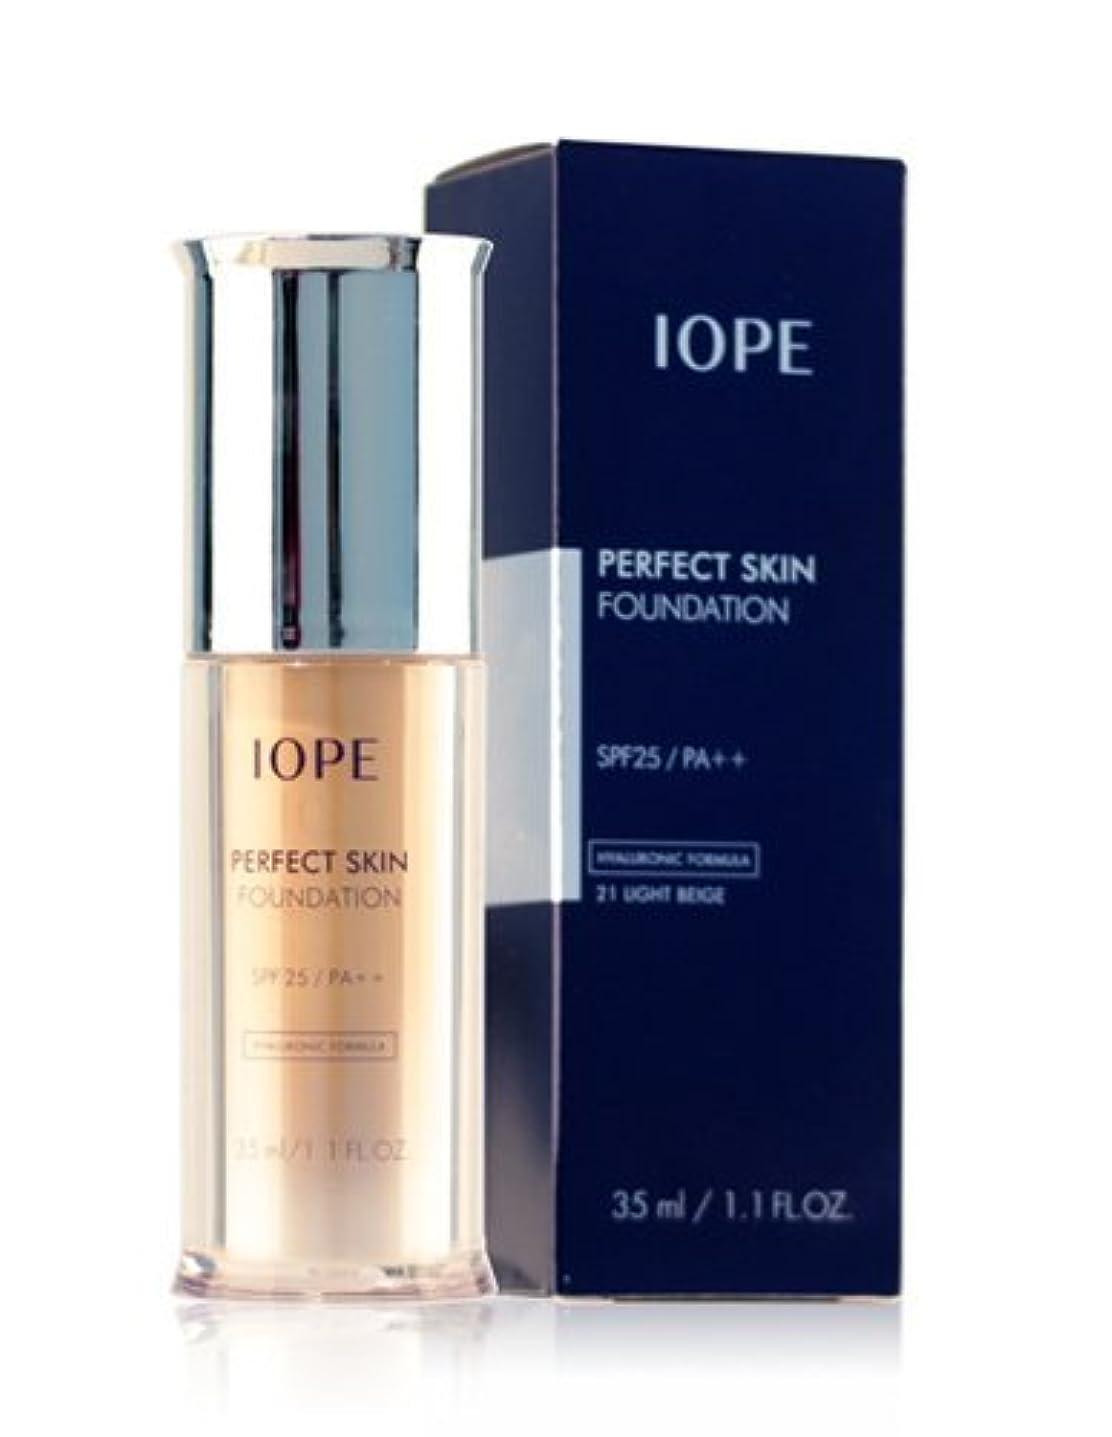 一般ダンプ人形Amore Pacific IOPE Perfect Skin Foundation (spf 25, pa++) no.21 light beige 35ml